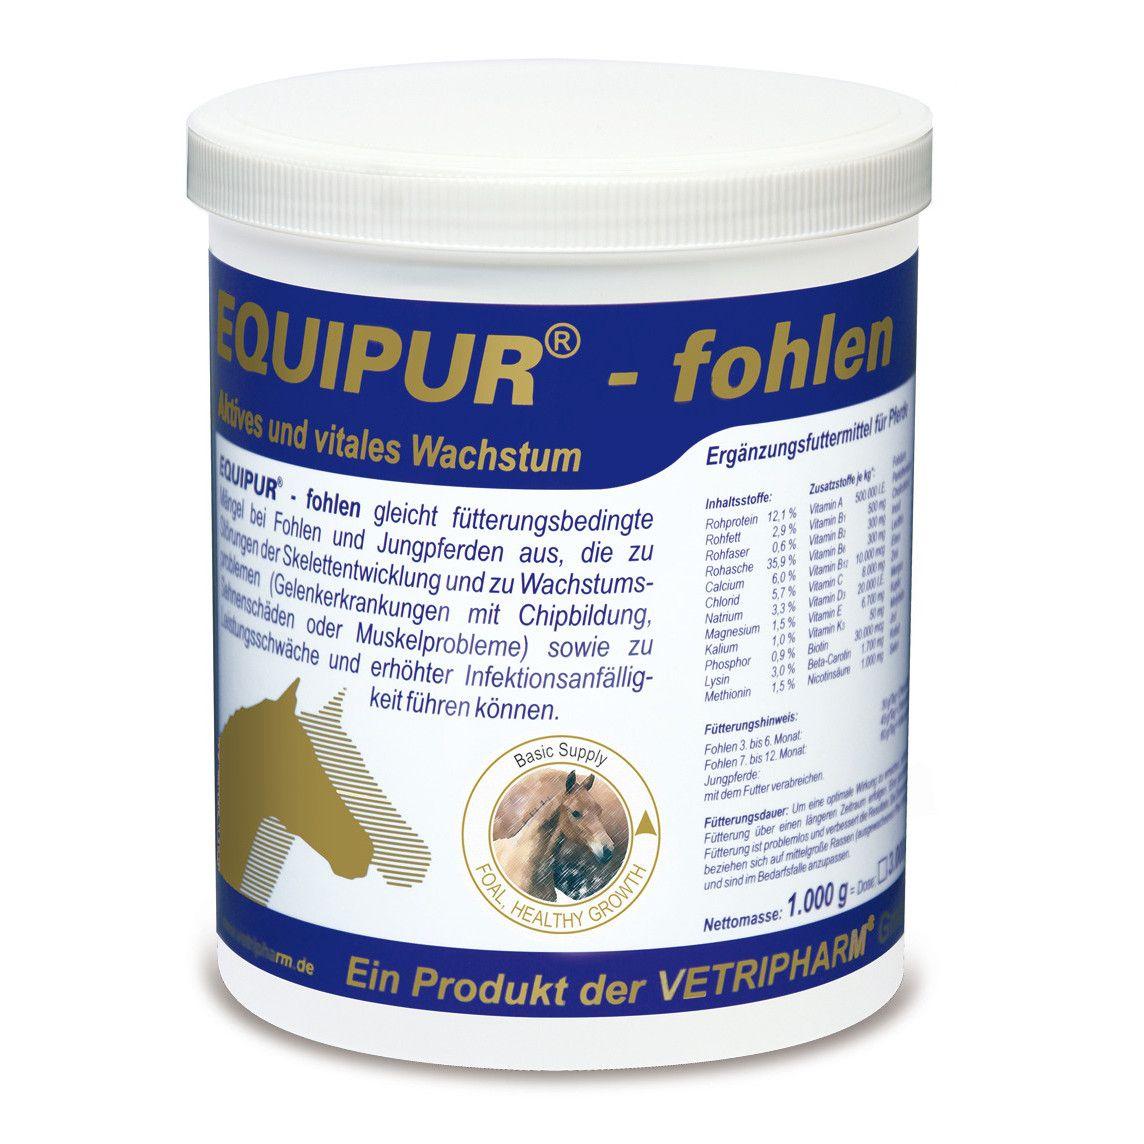 Vetripharm Equipur fohlen